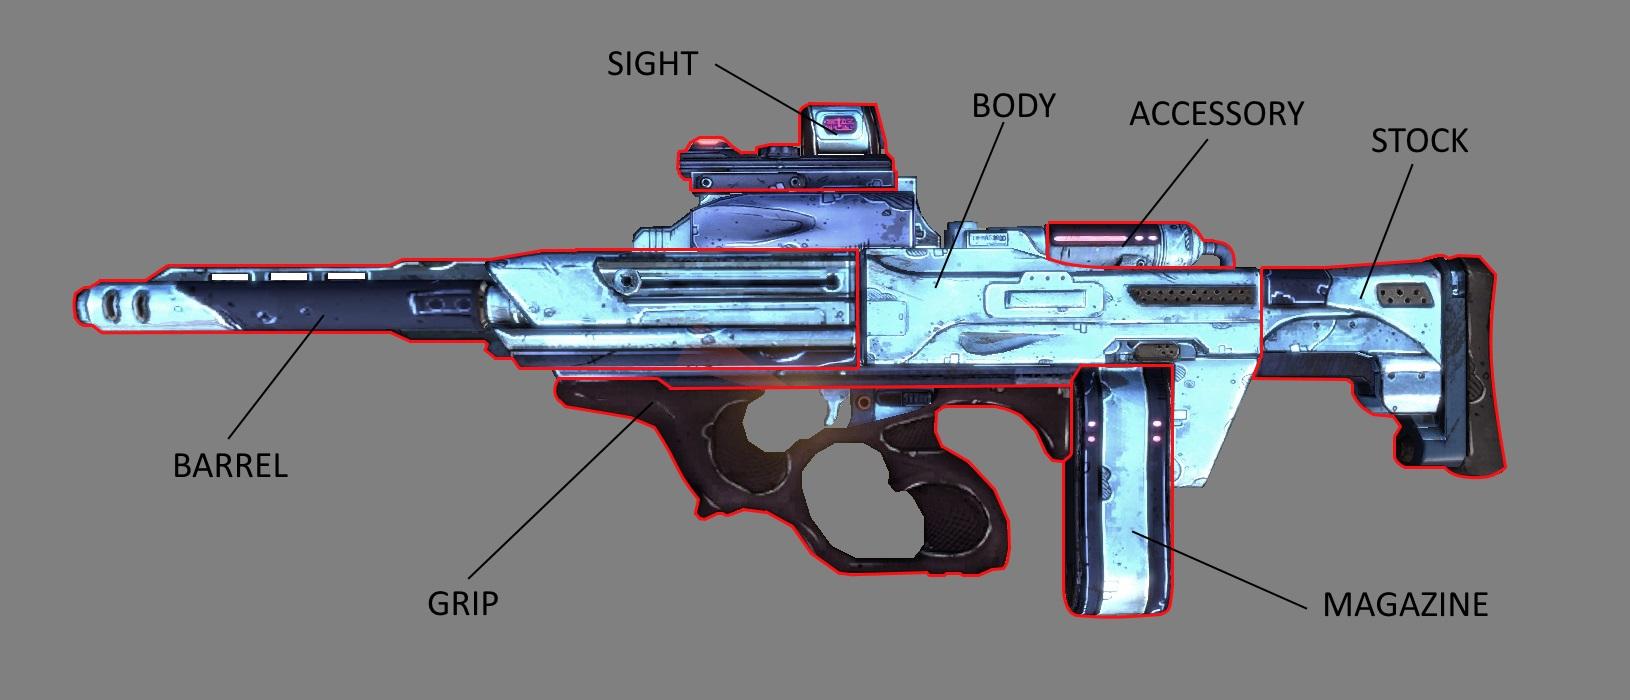 Submachine Gun/parts | Borderlands Wiki | FANDOM powered by